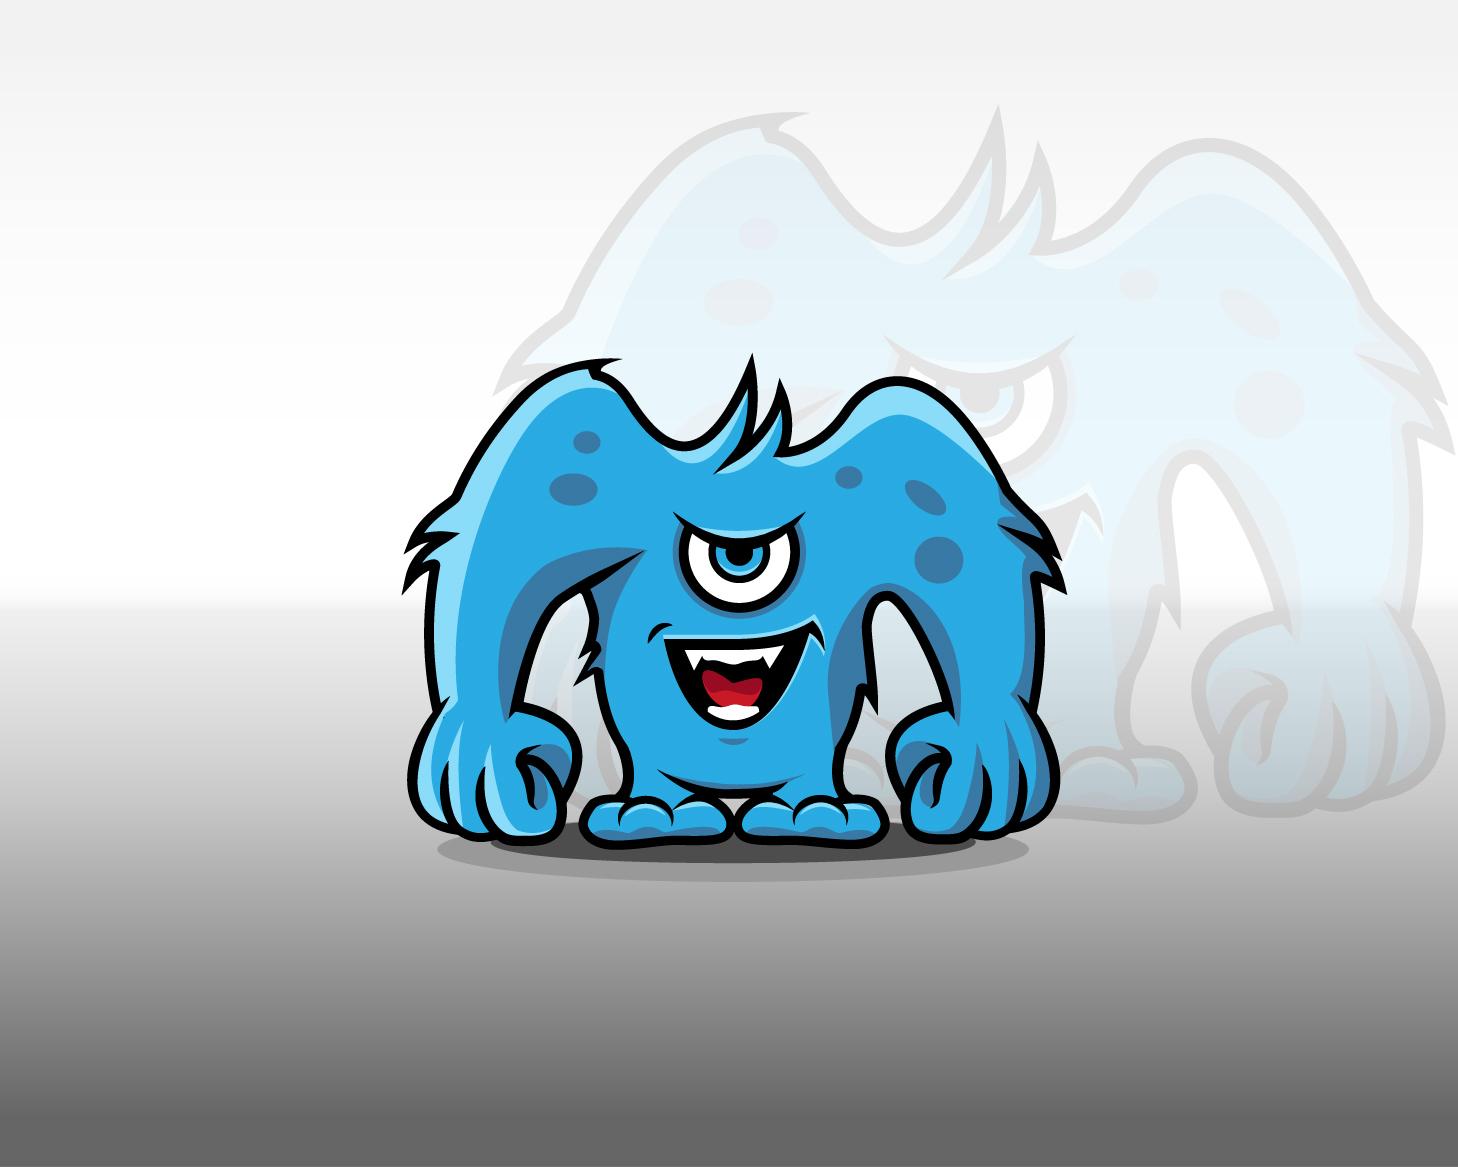 6 comic monster